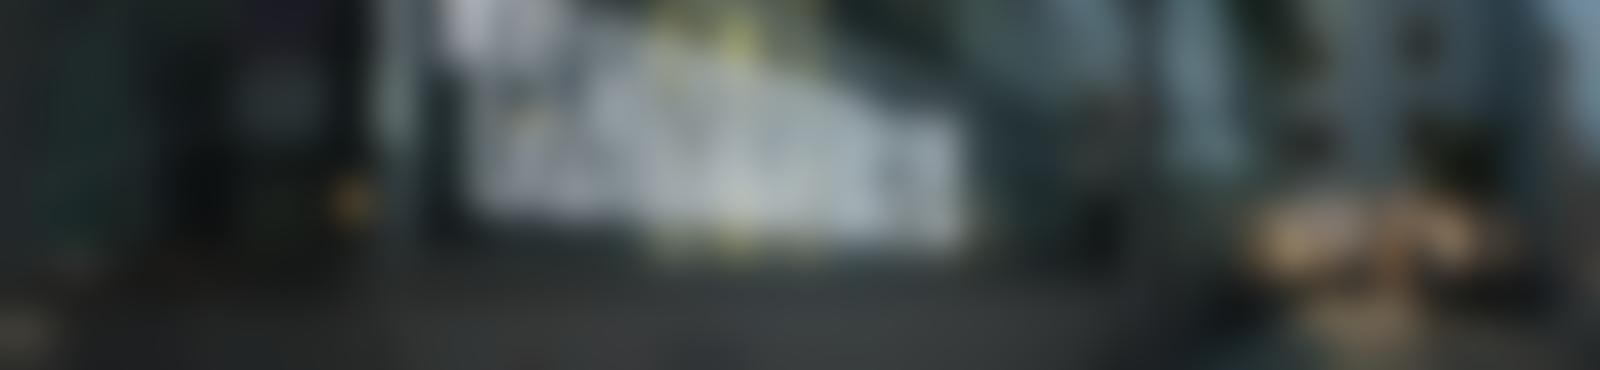 Blurred f2e86b87 b277 493b 83f4 94f2695aebe7